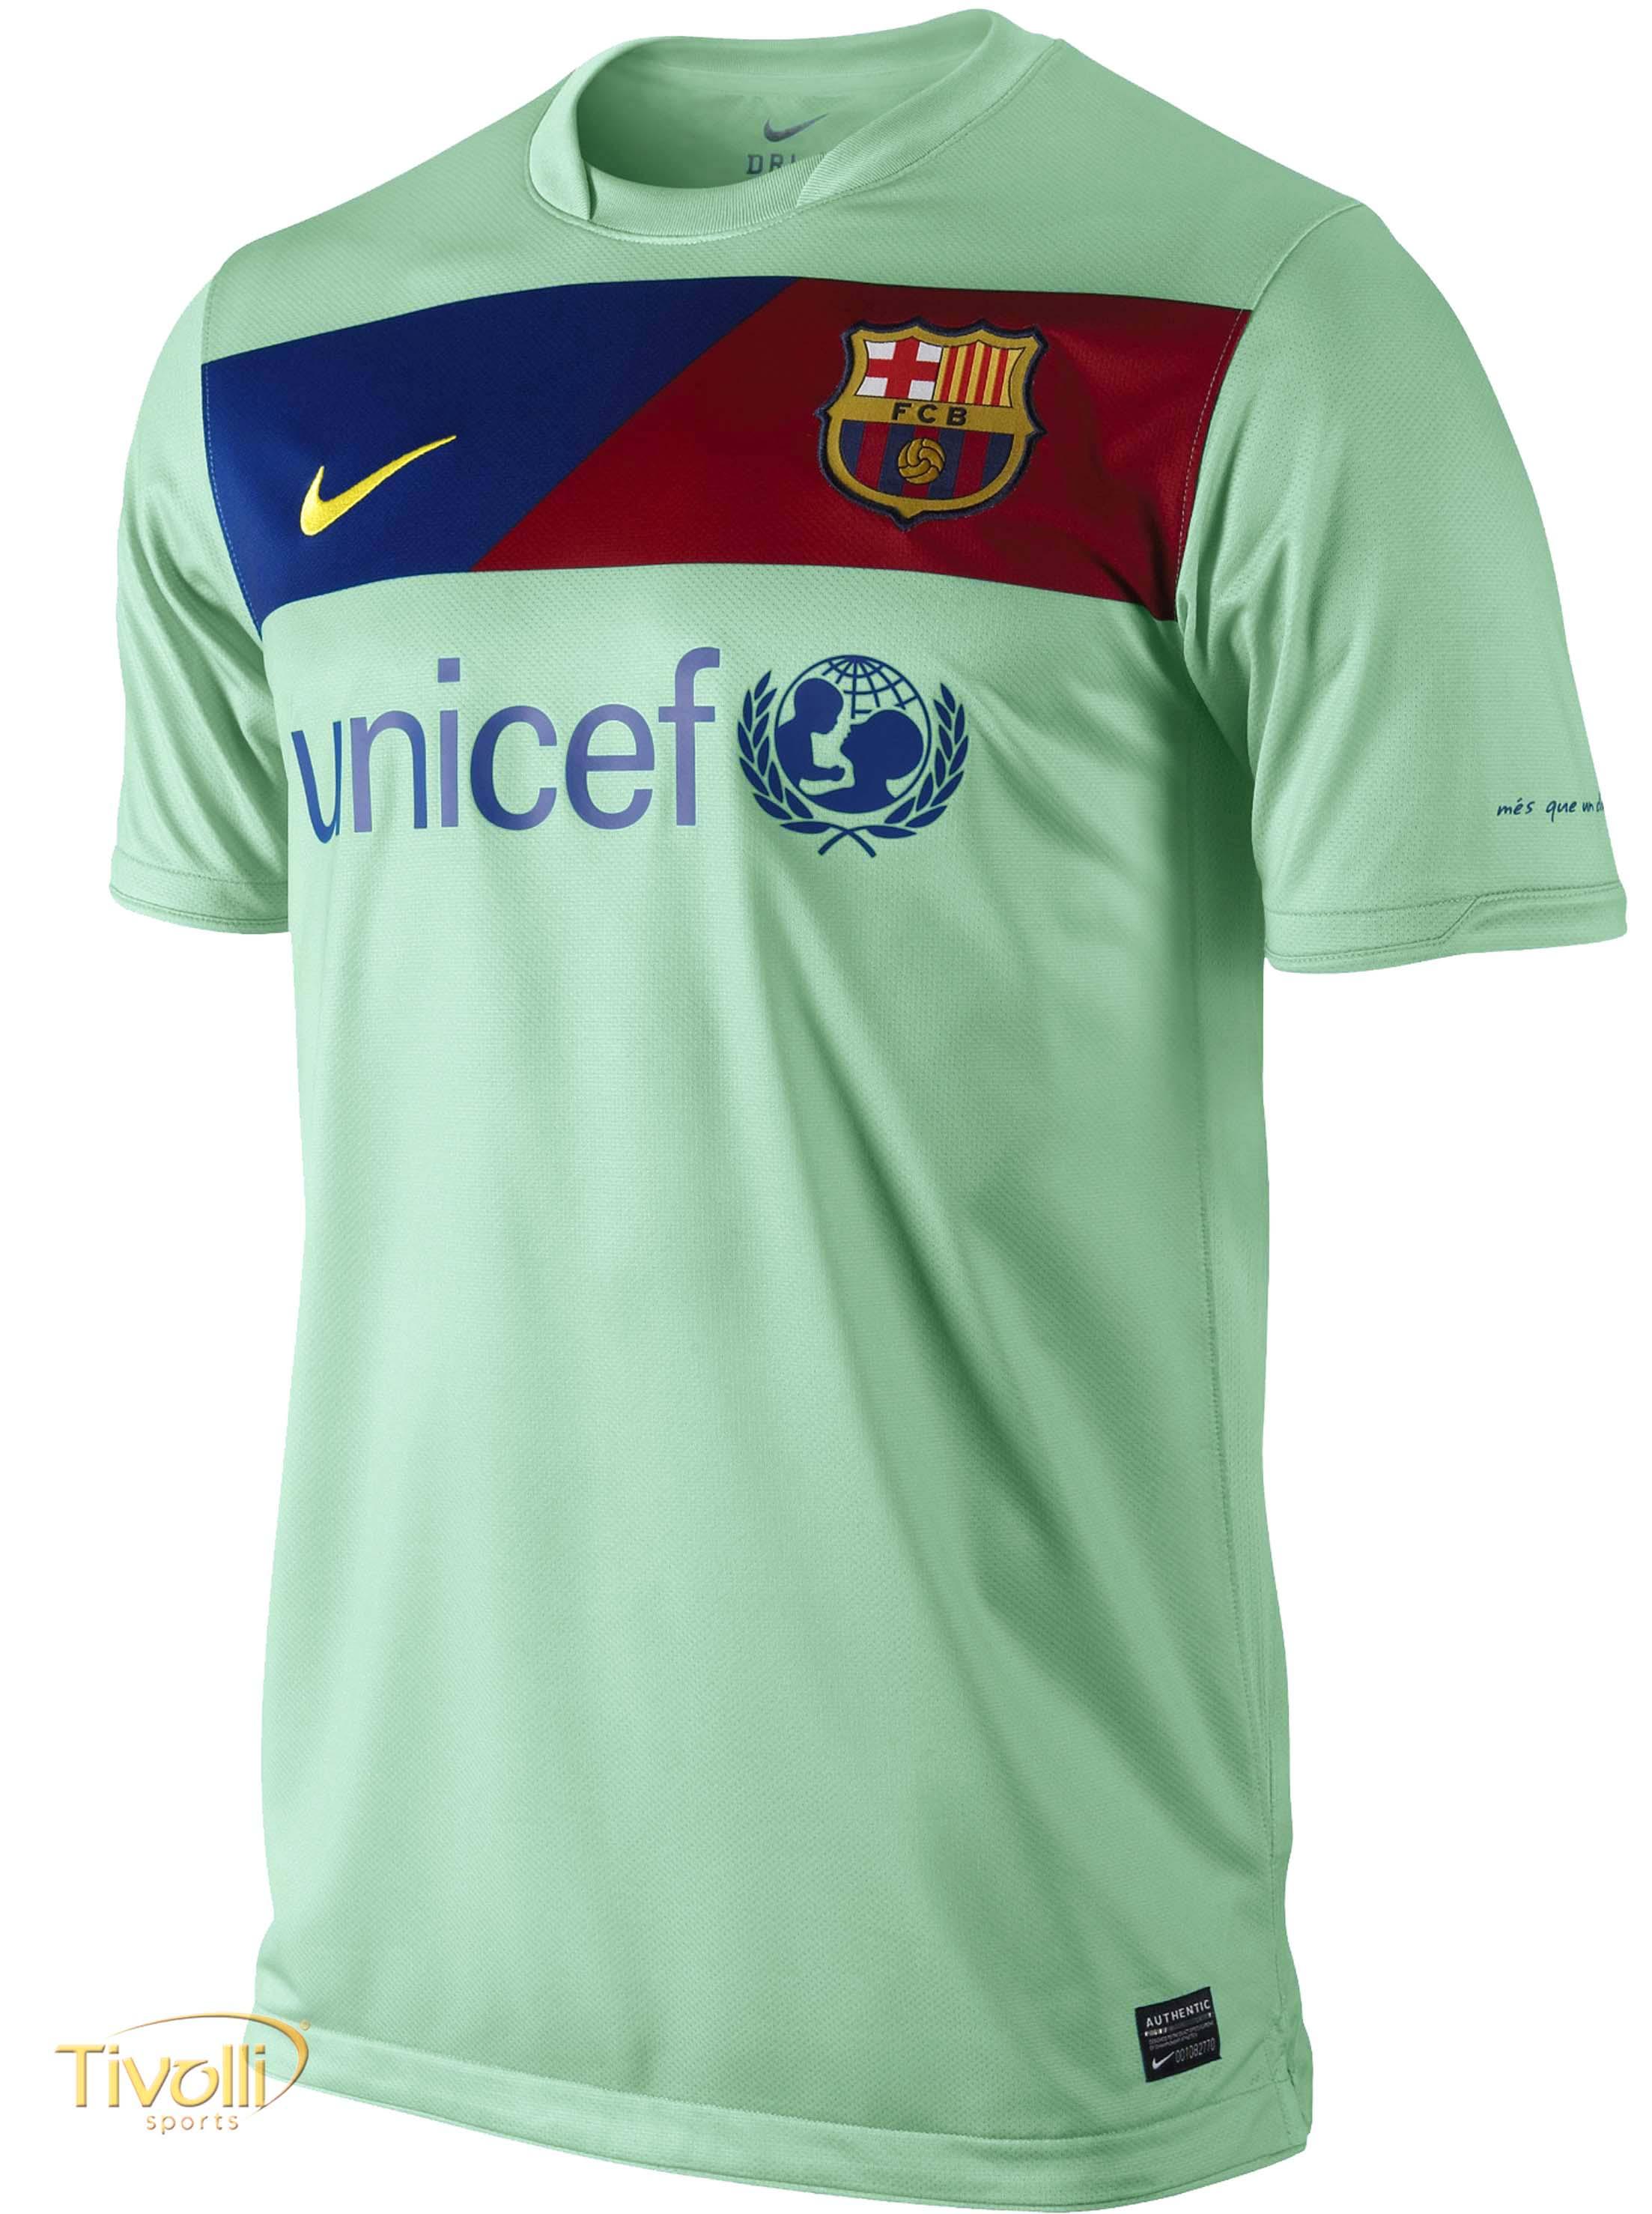 Black Friday - Camisa Nike Barcelona Torcedor   Masculina Verde Água ... 1b16127b971f1